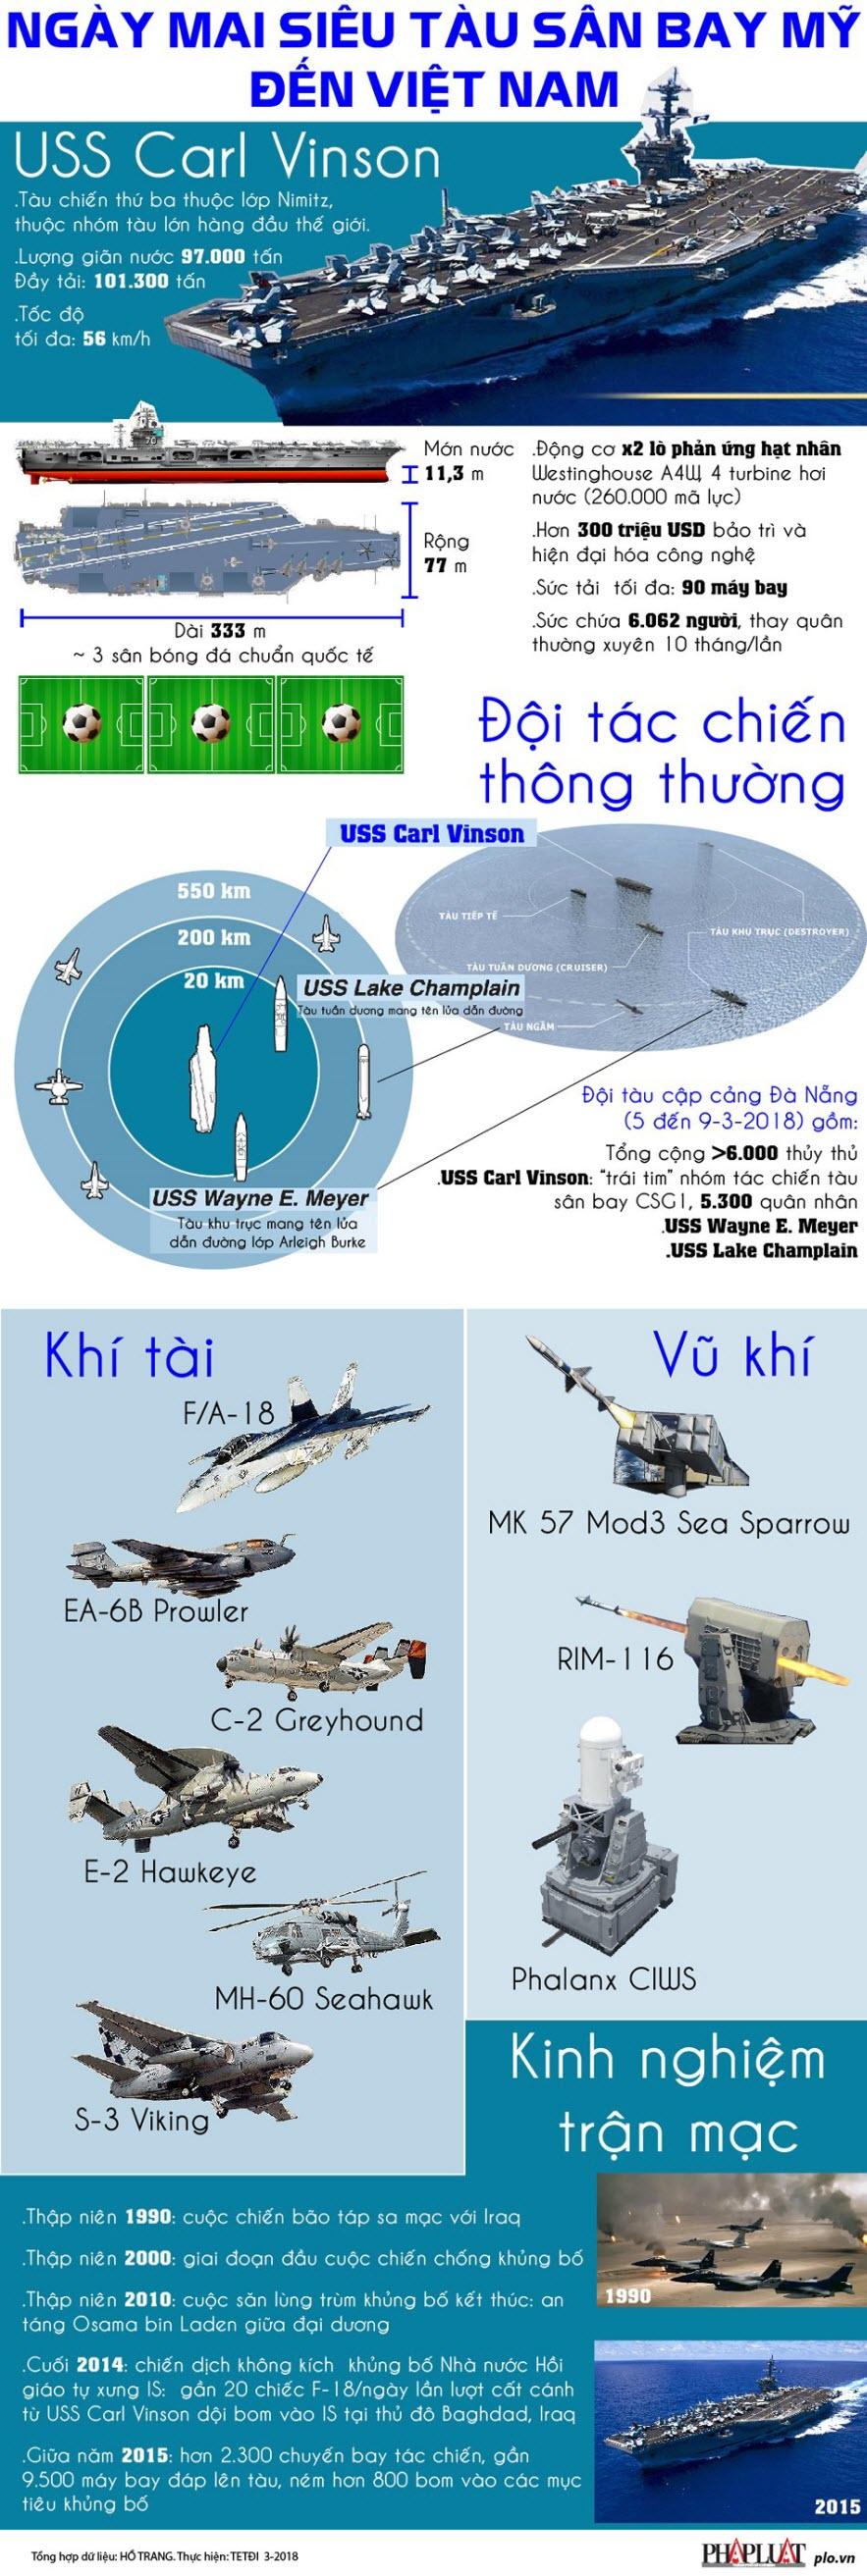 Ngày mai siêu tàu sân bay Mỹ đến Việt Nam - 1